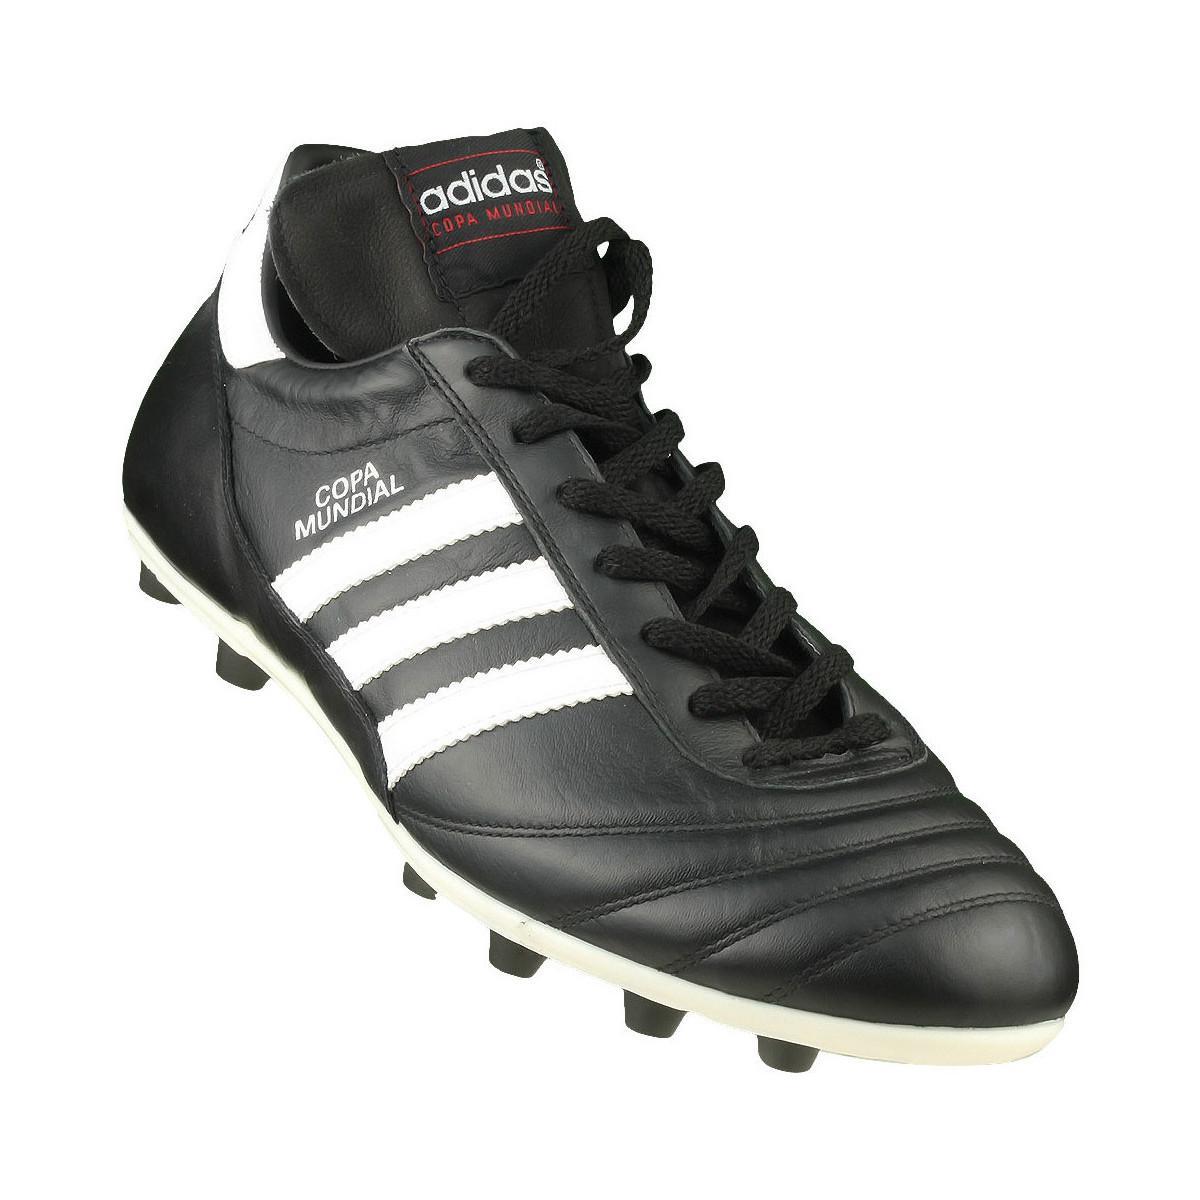 adidas copa mundial uomini scarpe da calcio in nero in nero per gli uomini.